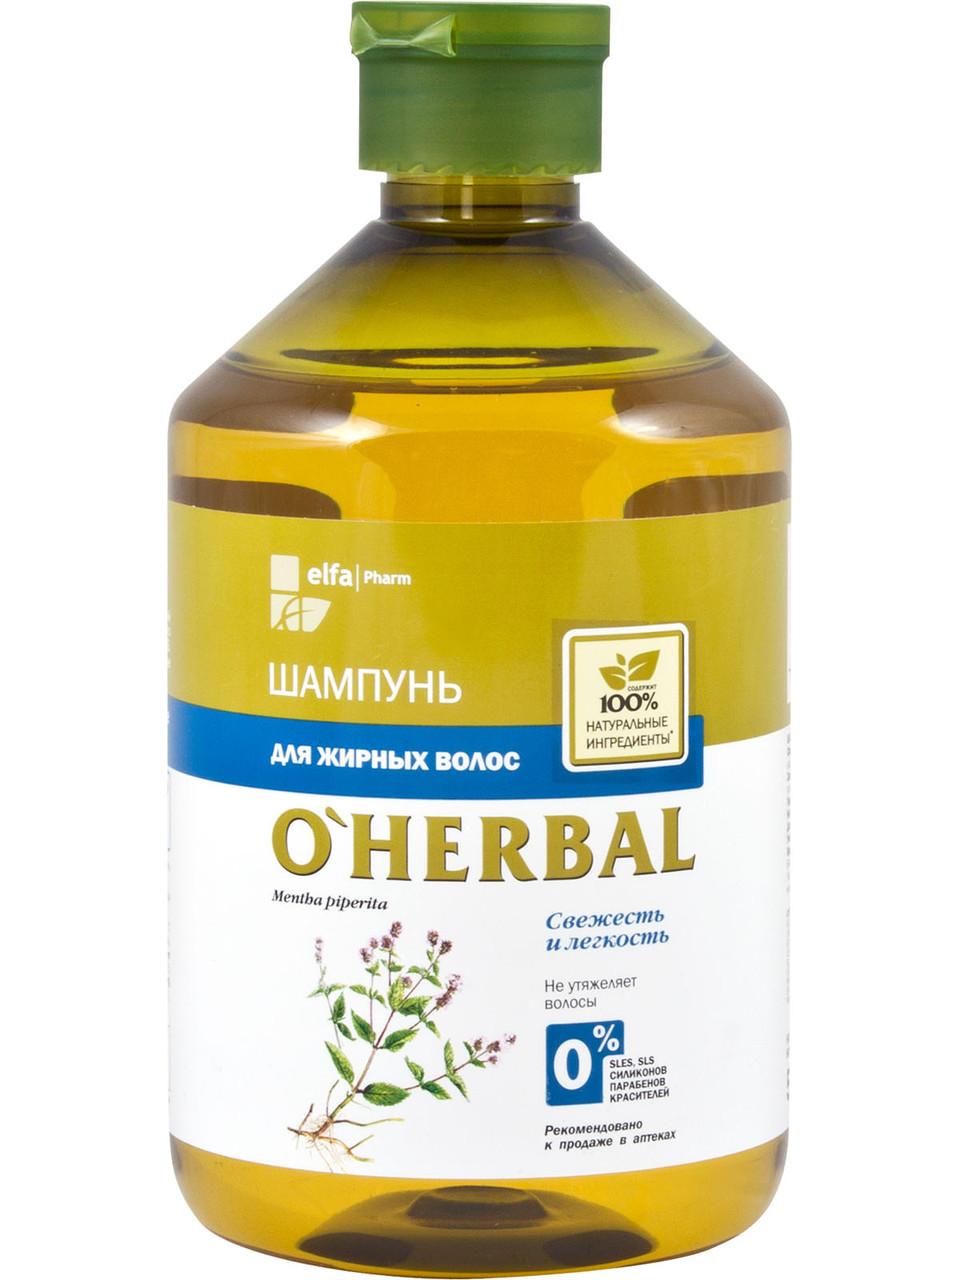 O Herbal Шампунь для жирного волосся 500мл